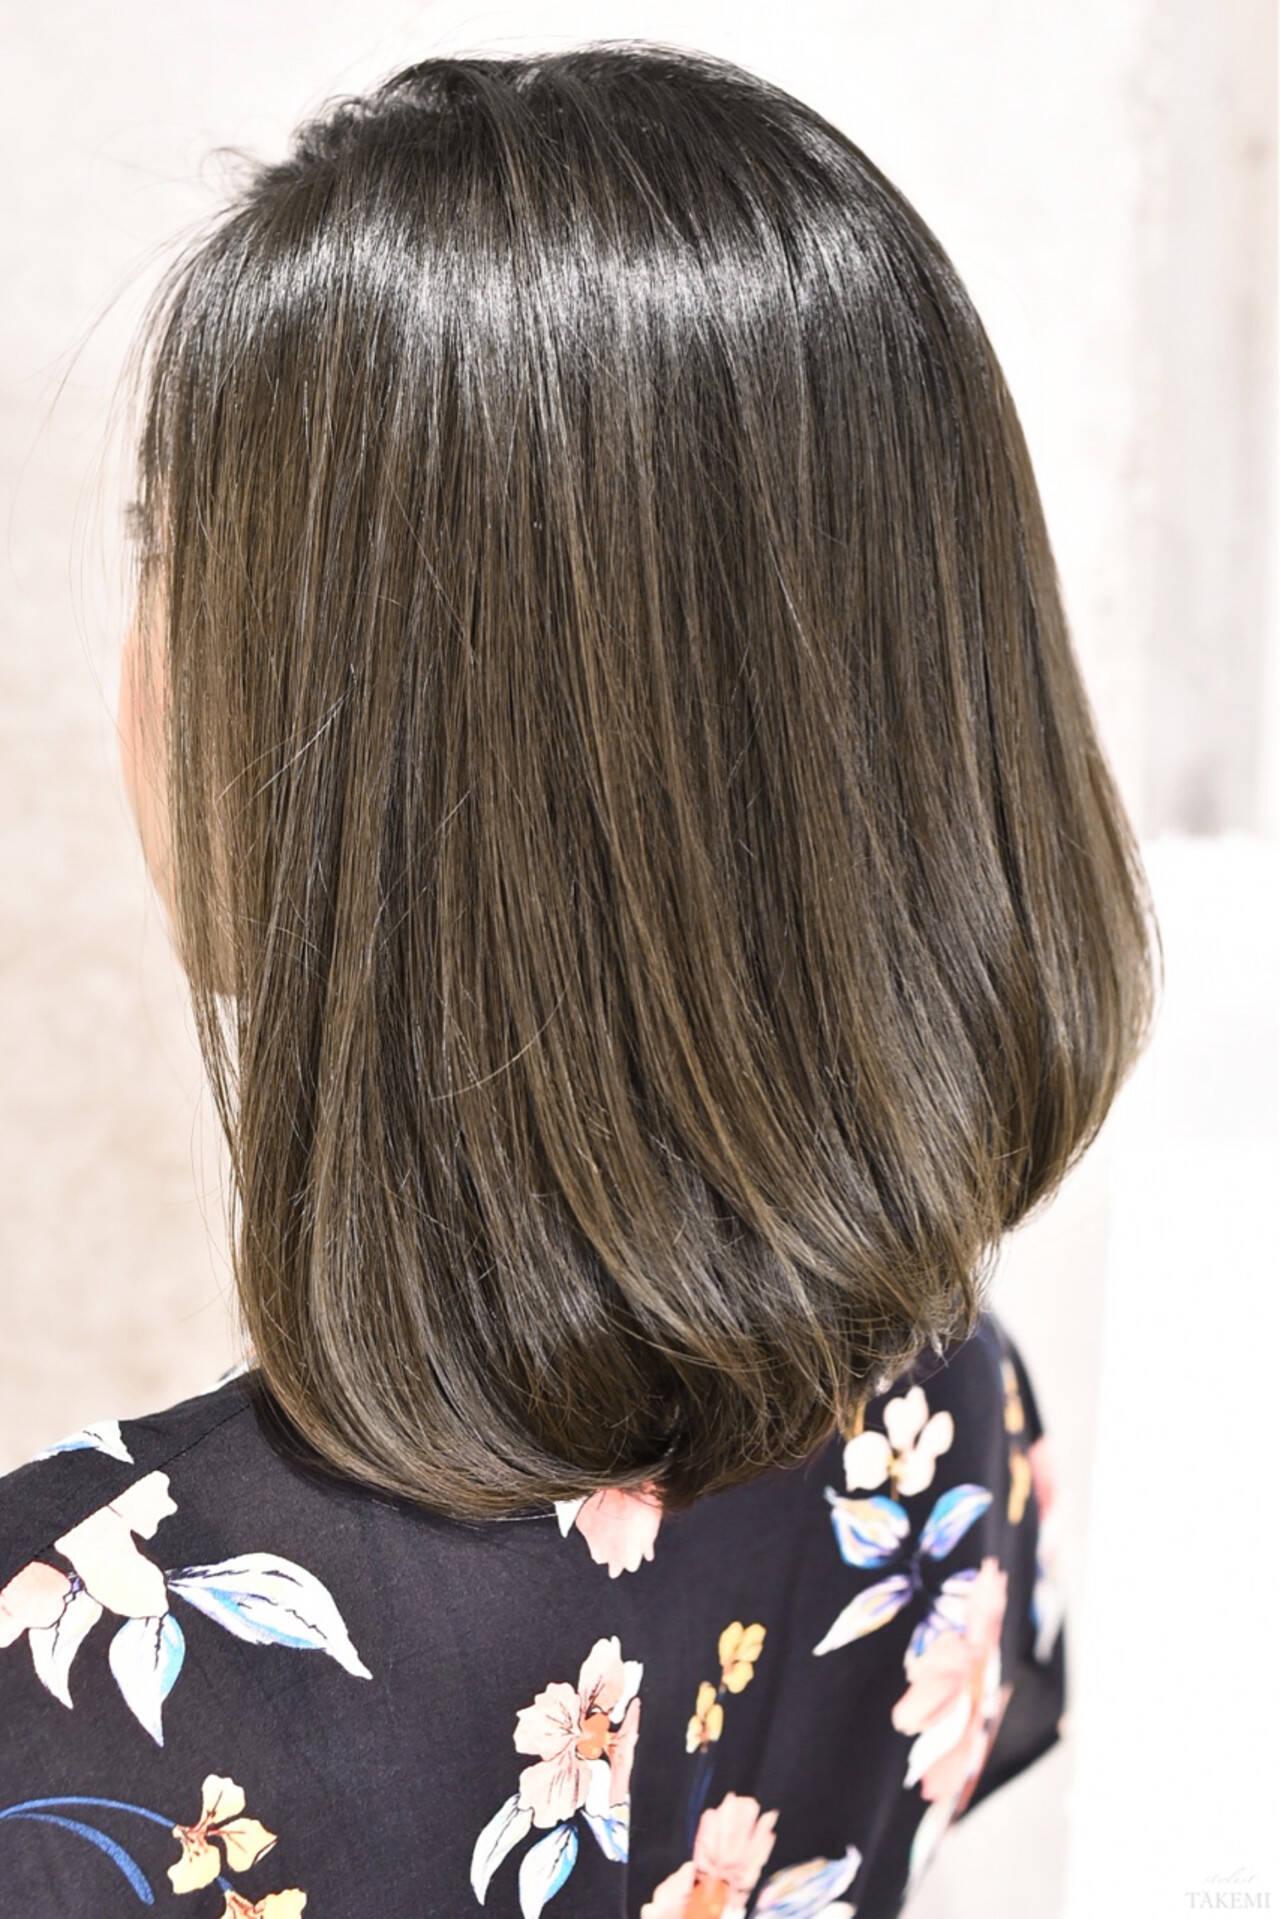 ナチュラル グラデーションカラー ボブ 外国人風カラーヘアスタイルや髪型の写真・画像